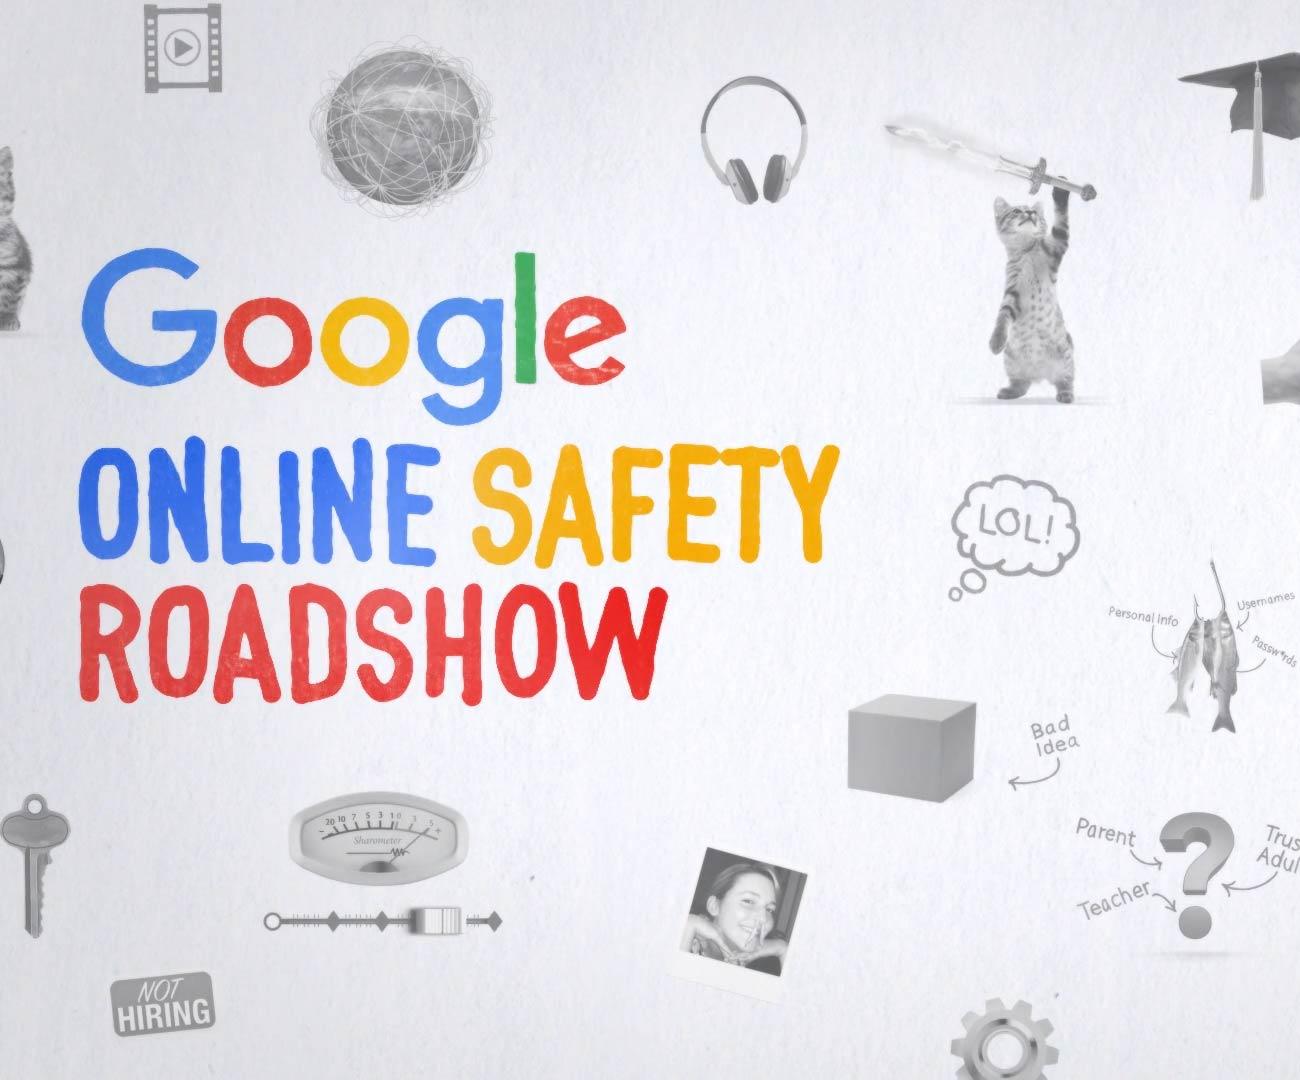 Google: Online Safety Roadshow (series)